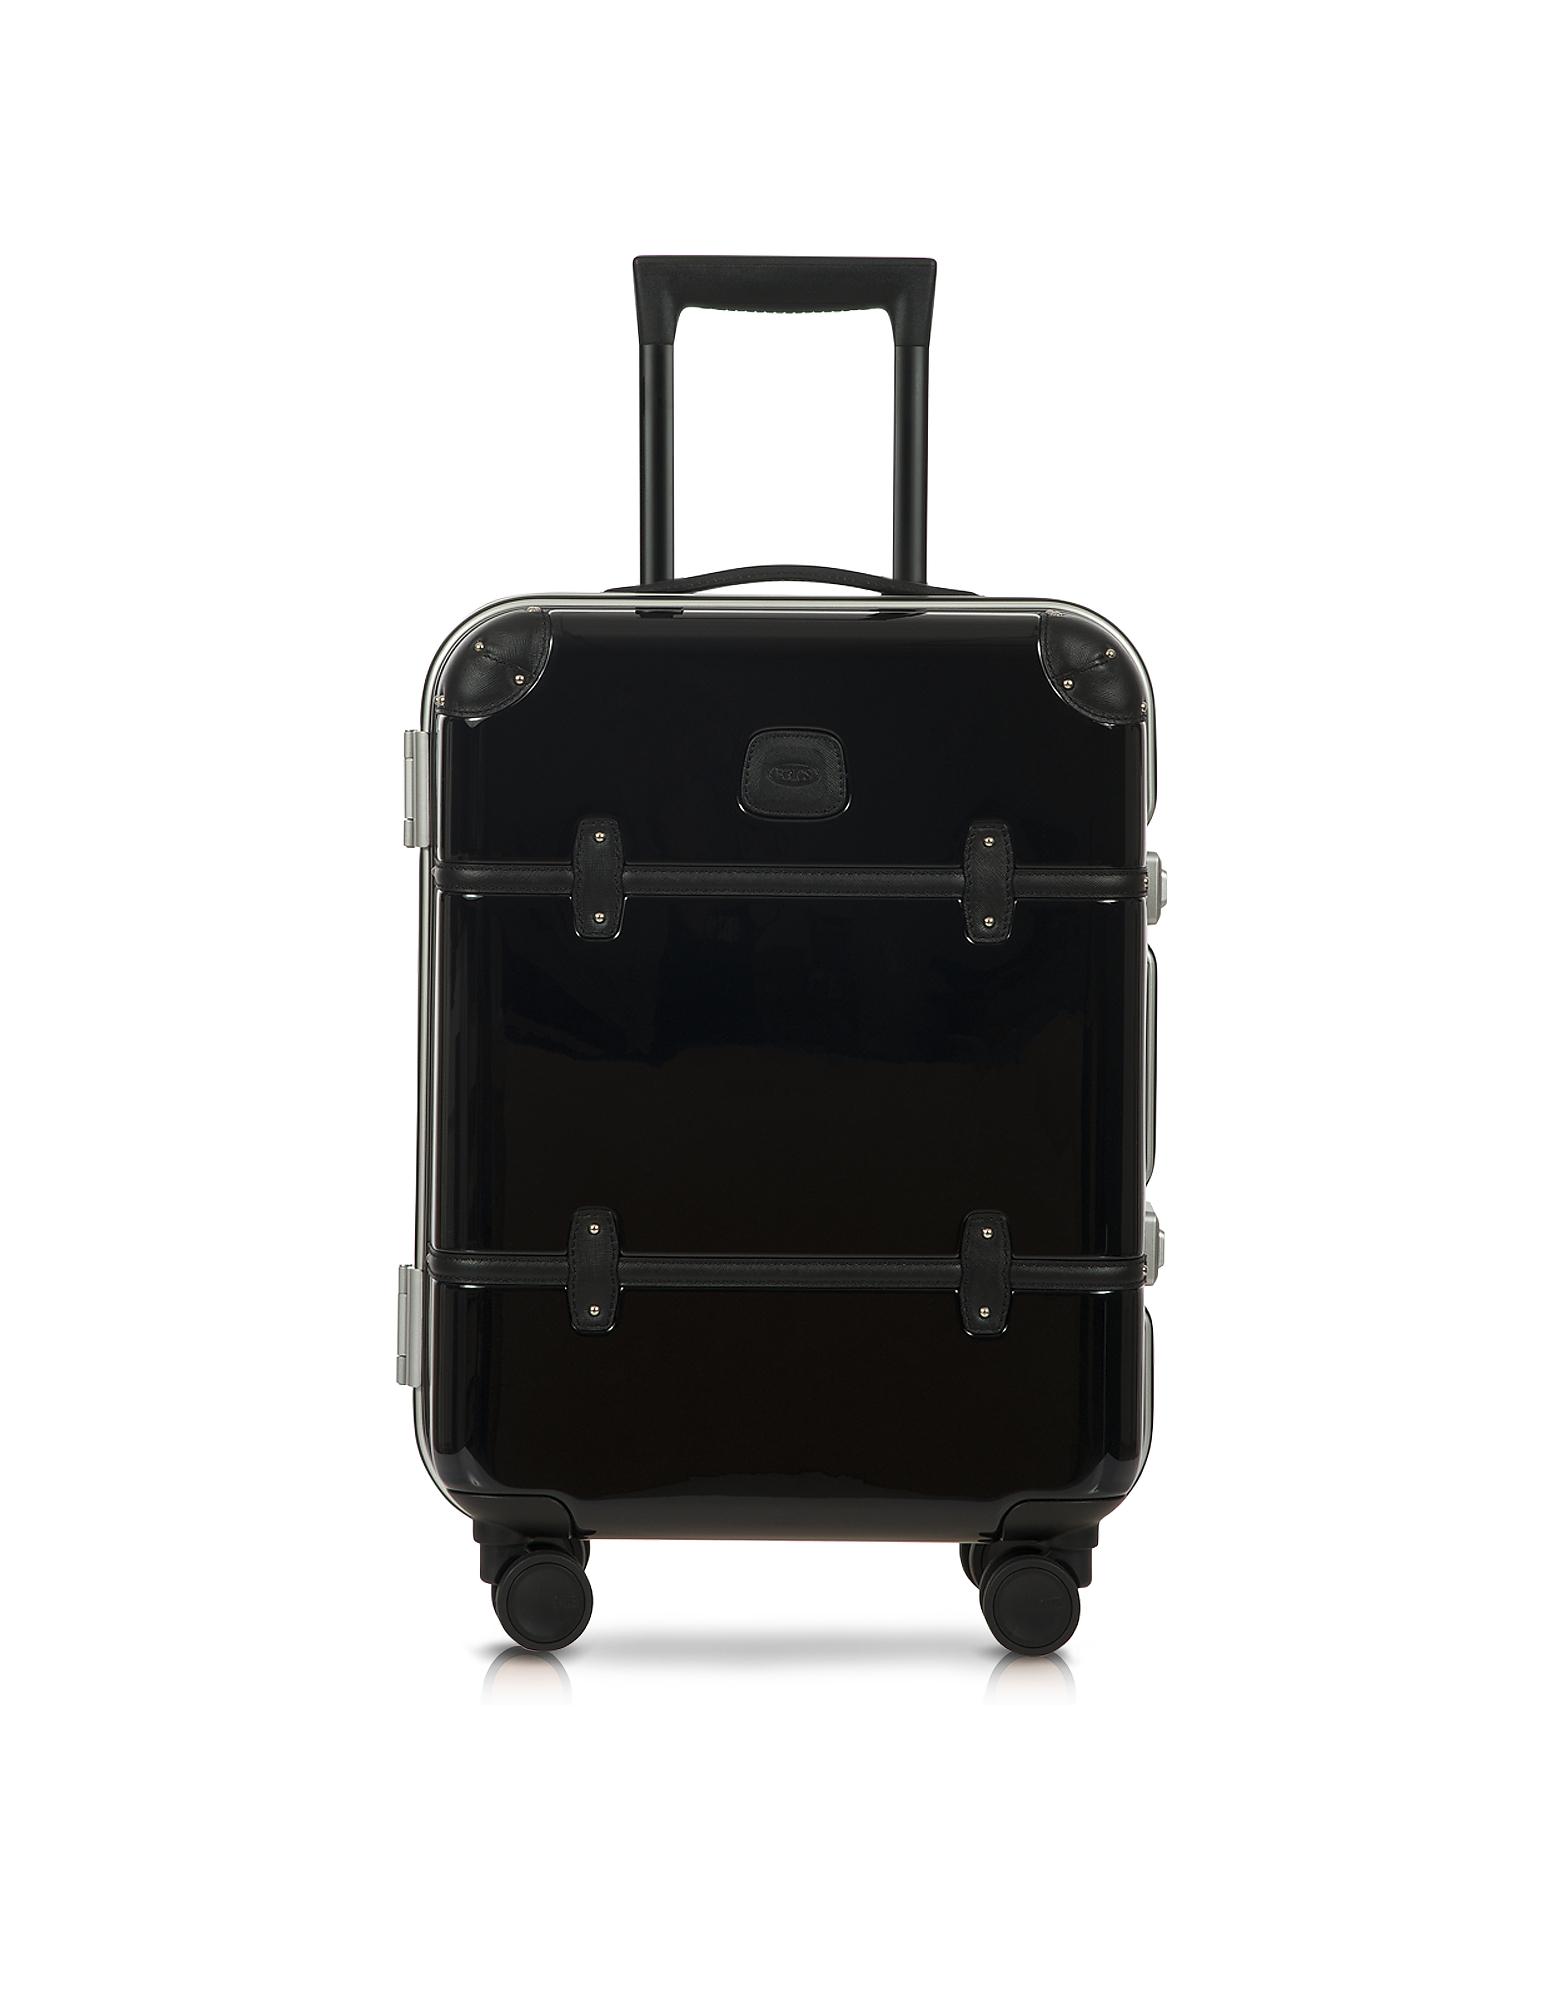 Bellagio Metallo V2.0 - Черный Чемодан Ручная Кладь 21? на Колесиках